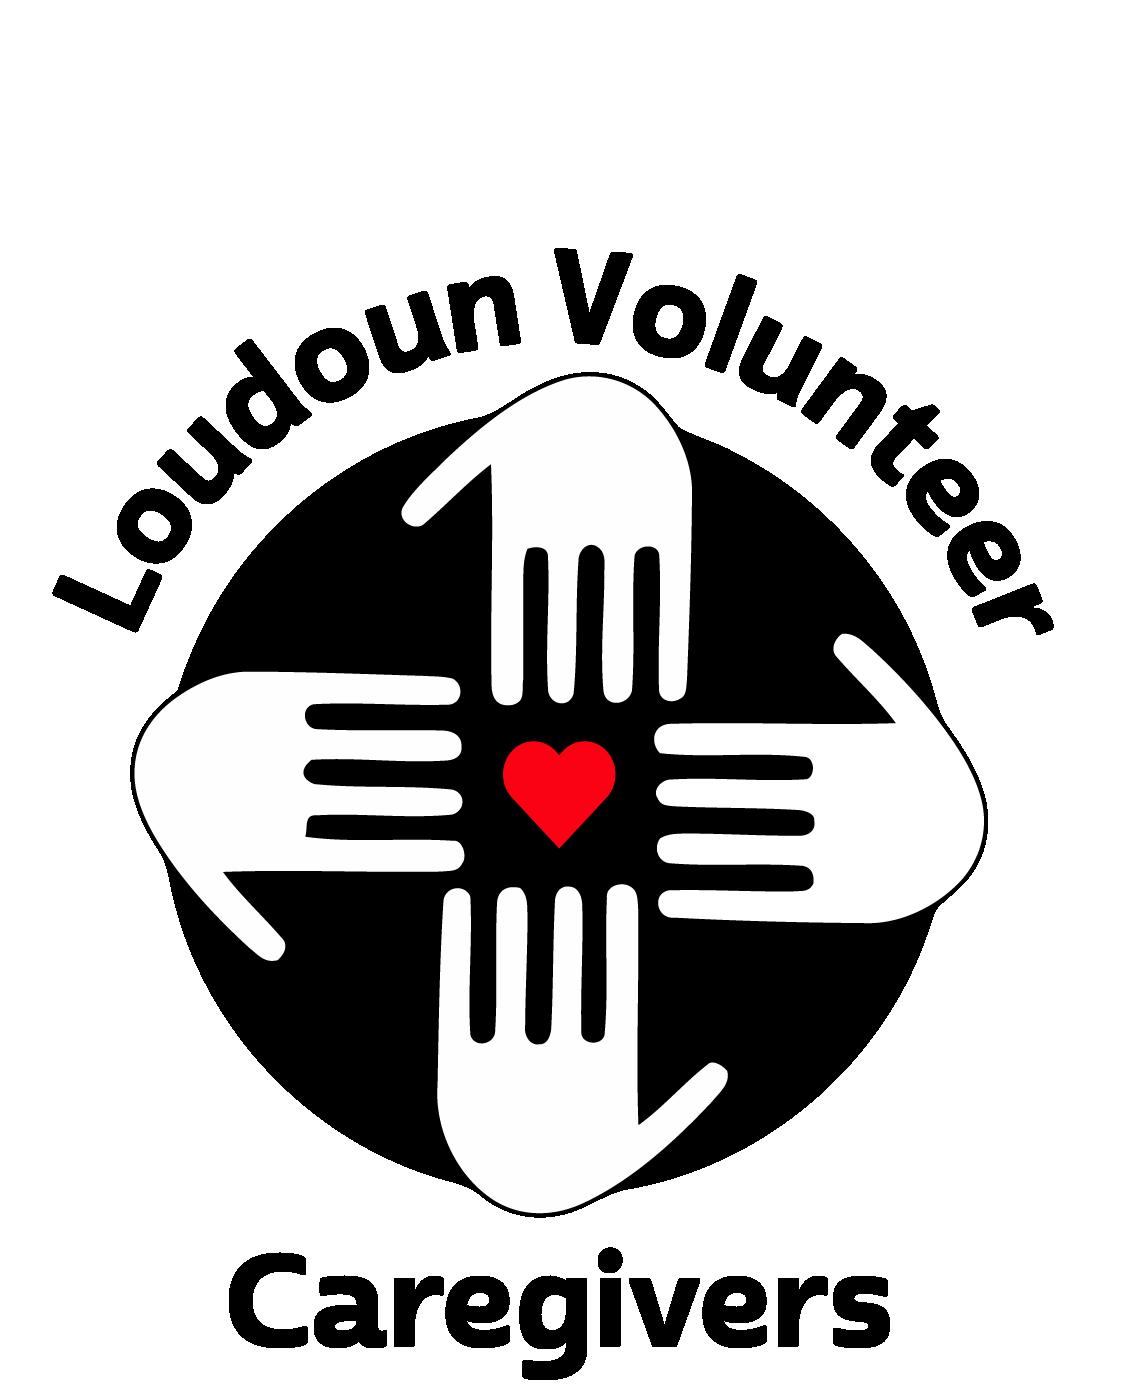 Loudoun Volunteer Caregivers